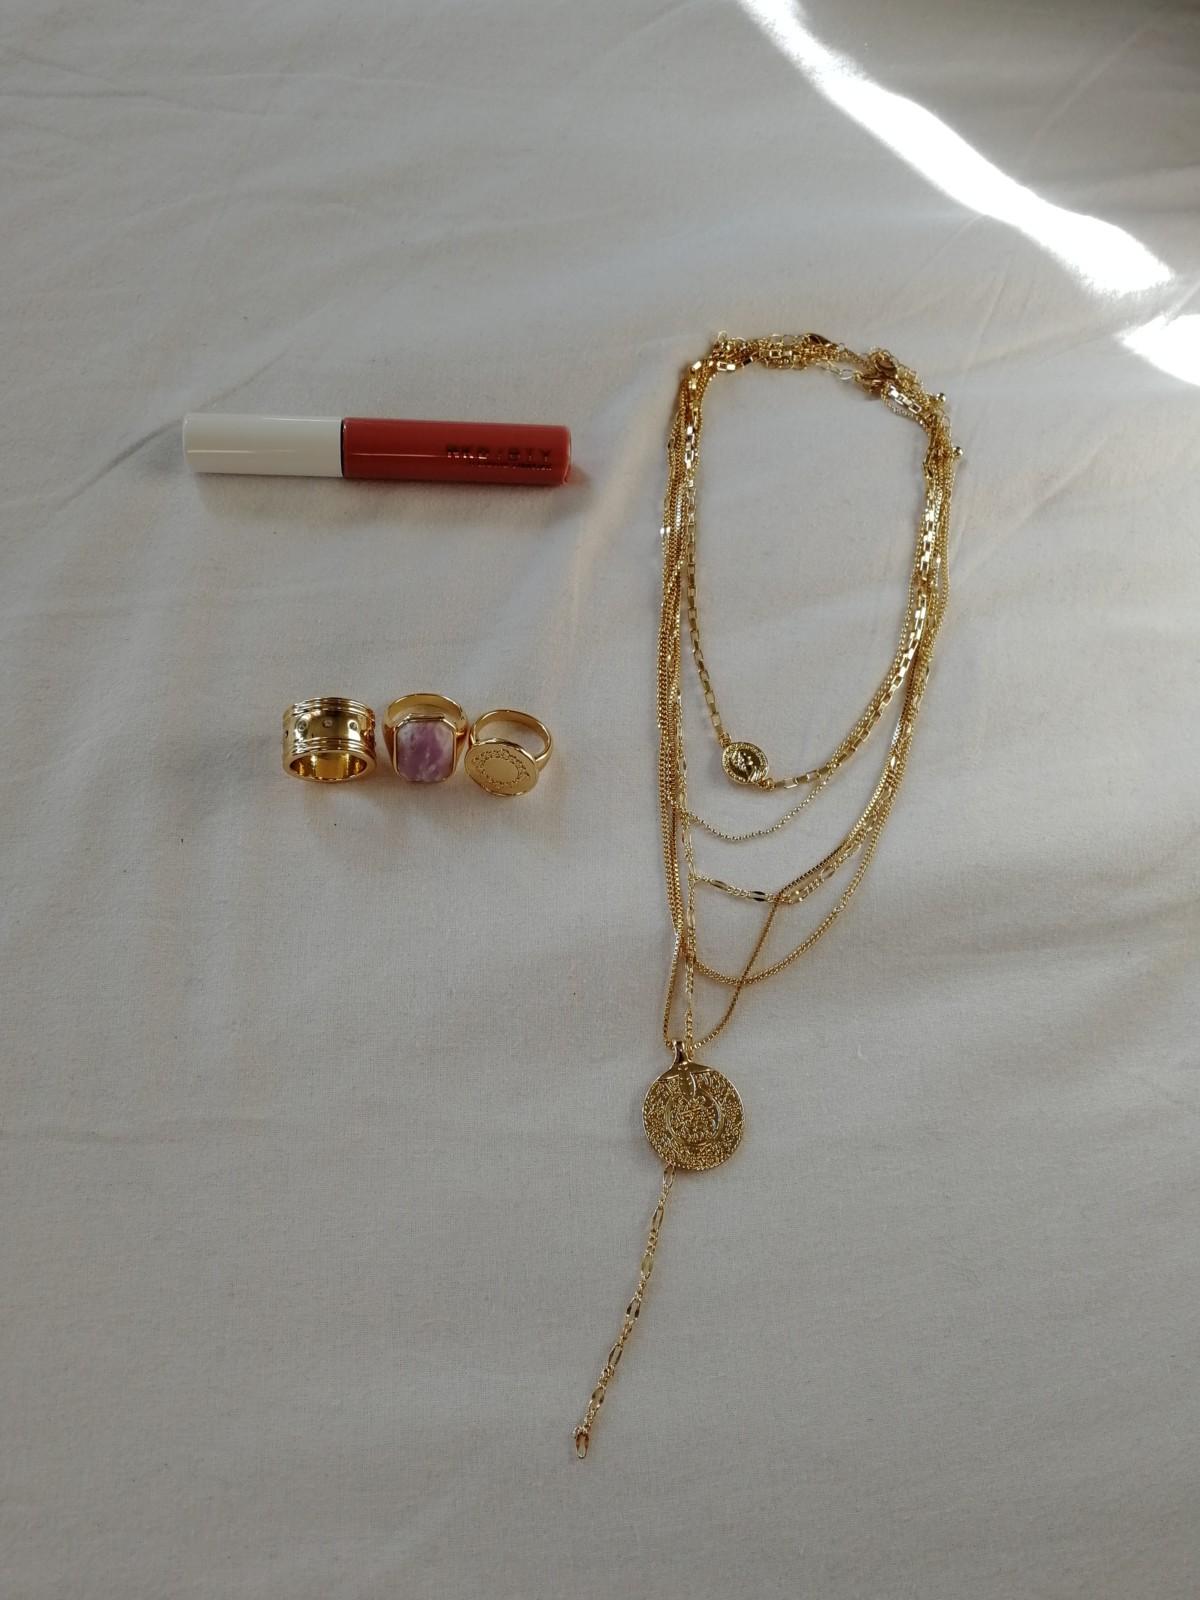 -nakdfashion-sminke-nakd-fashion-mote-trend-stil-style-smykker-ringer-ring-smykke-jewelry-lipstick-liquidlipstick-gold-gull-detaljer-details-shopping-newin-innkjøp-nettshopping